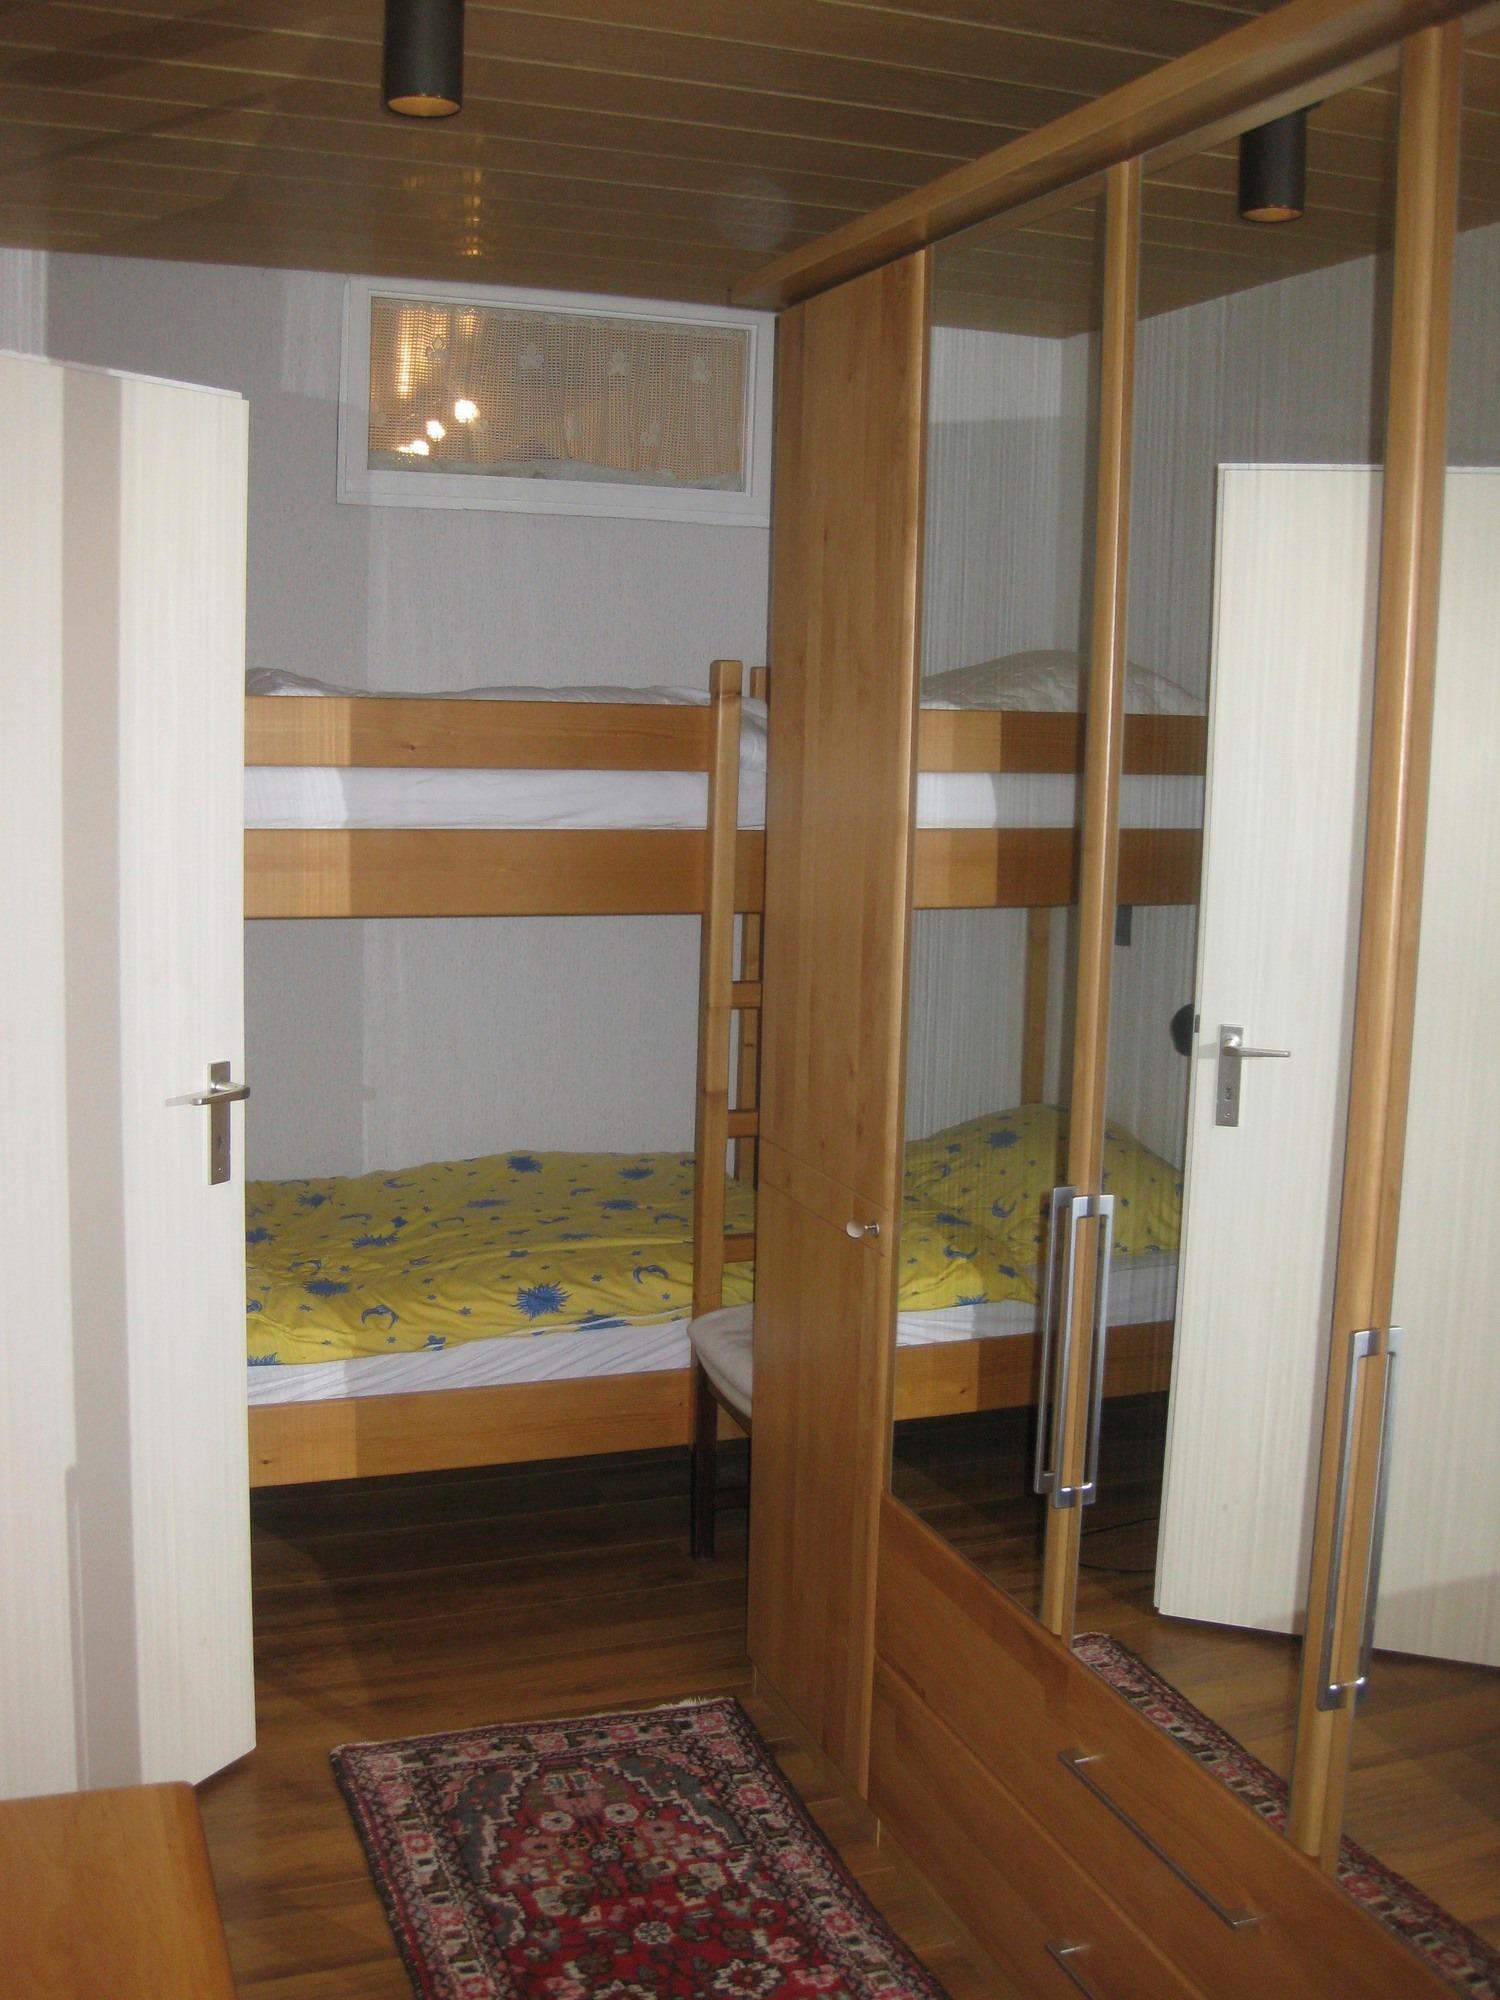 Ferienwohnung Haus Nautic 4-3-6 (887416), Kellenhusen, Lübecker Bucht, Schleswig-Holstein, Deutschland, Bild 12